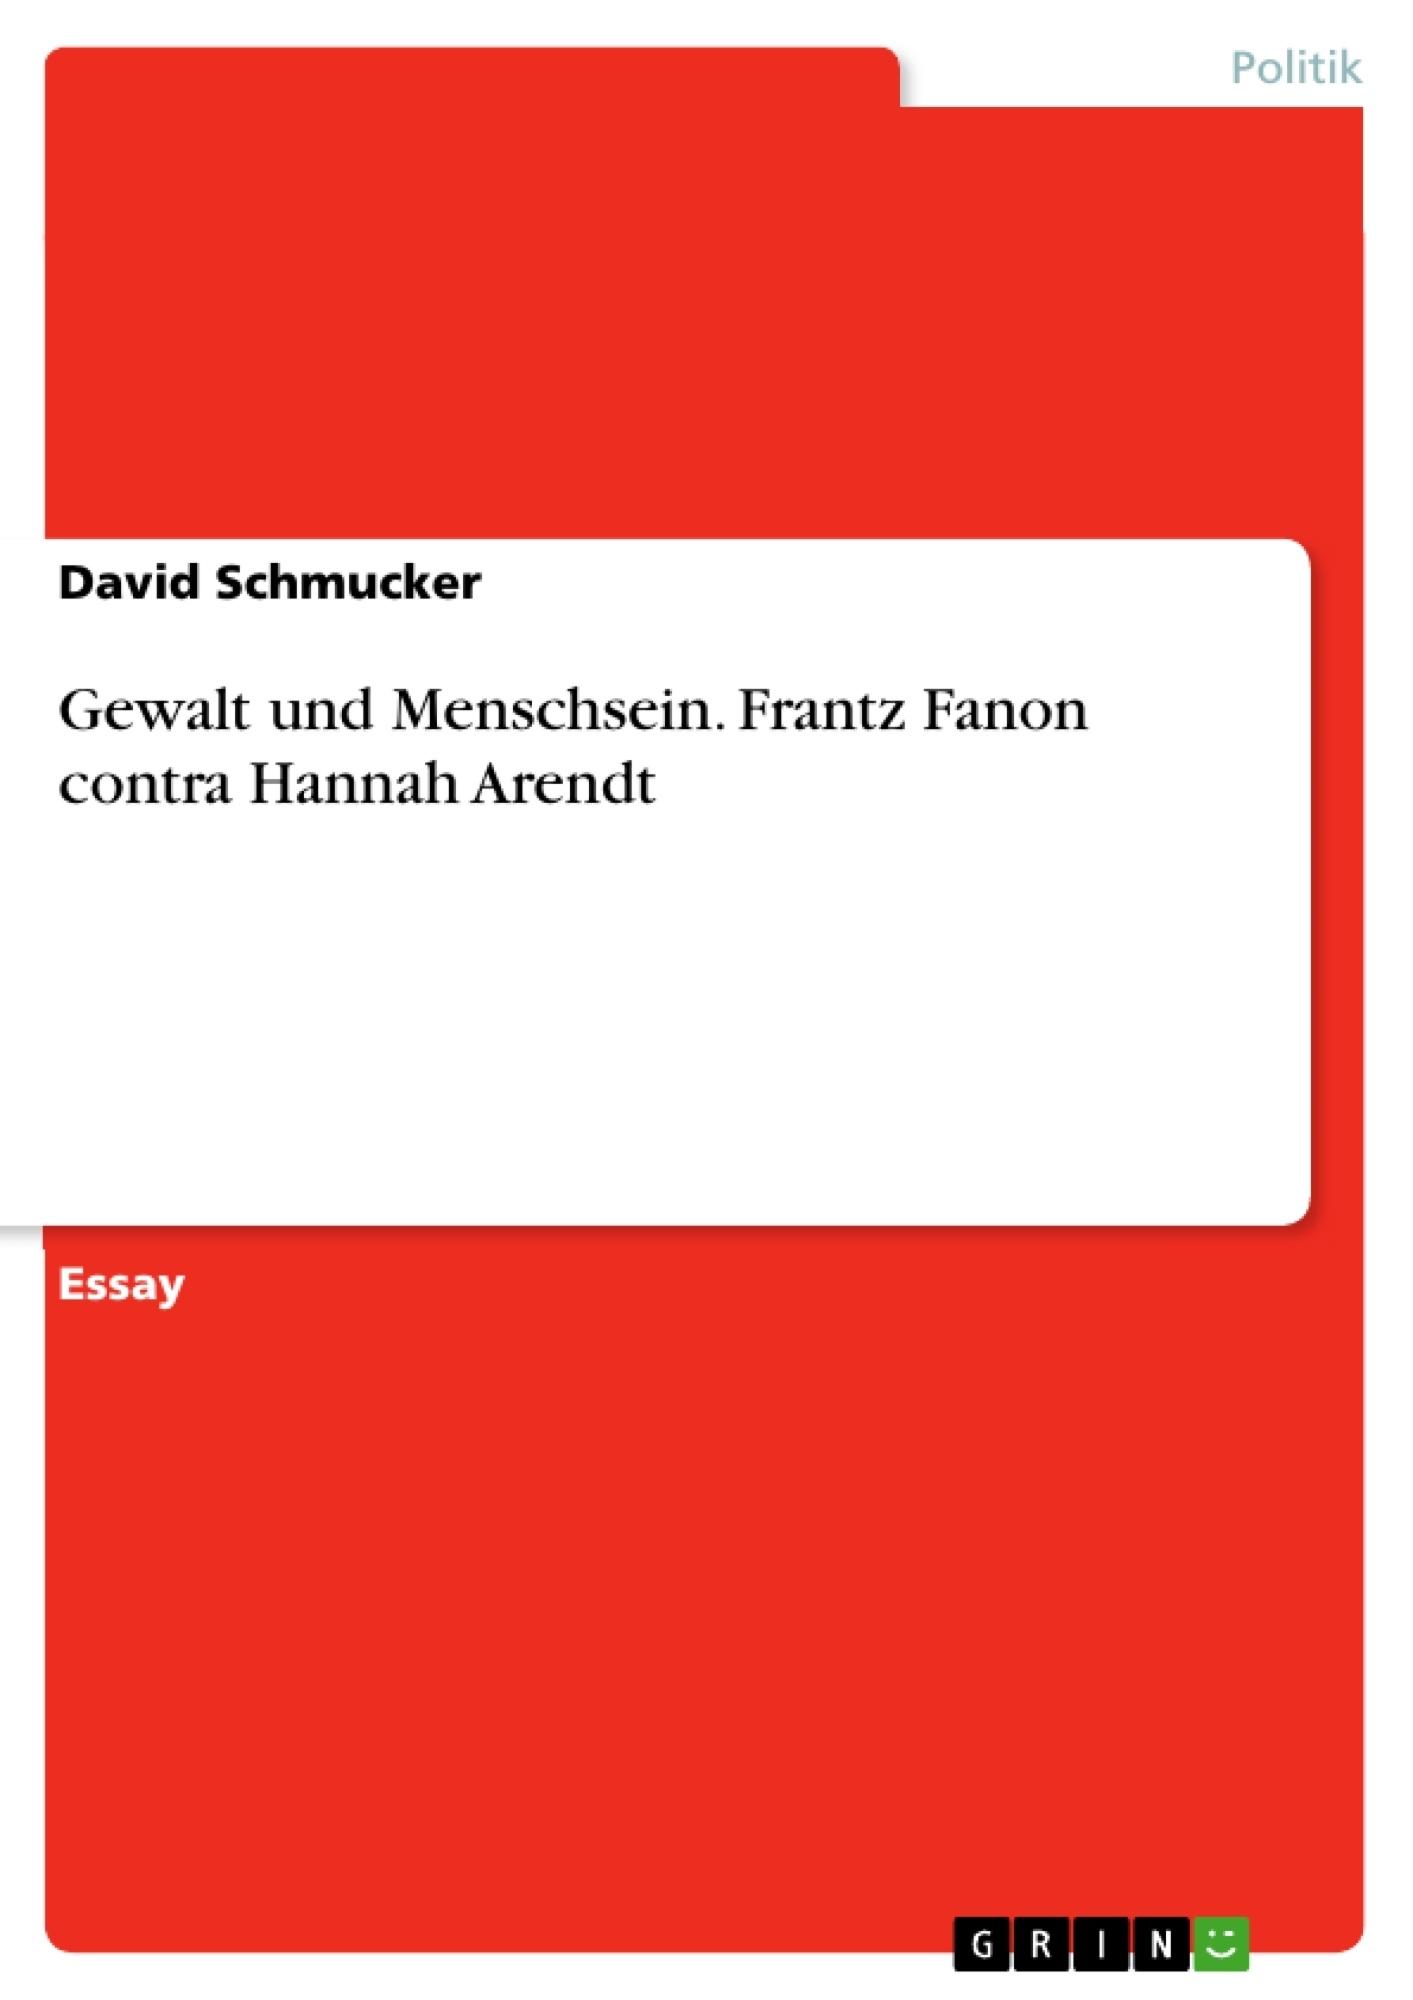 Titel: Gewalt und Menschsein. Frantz Fanon contra Hannah Arendt